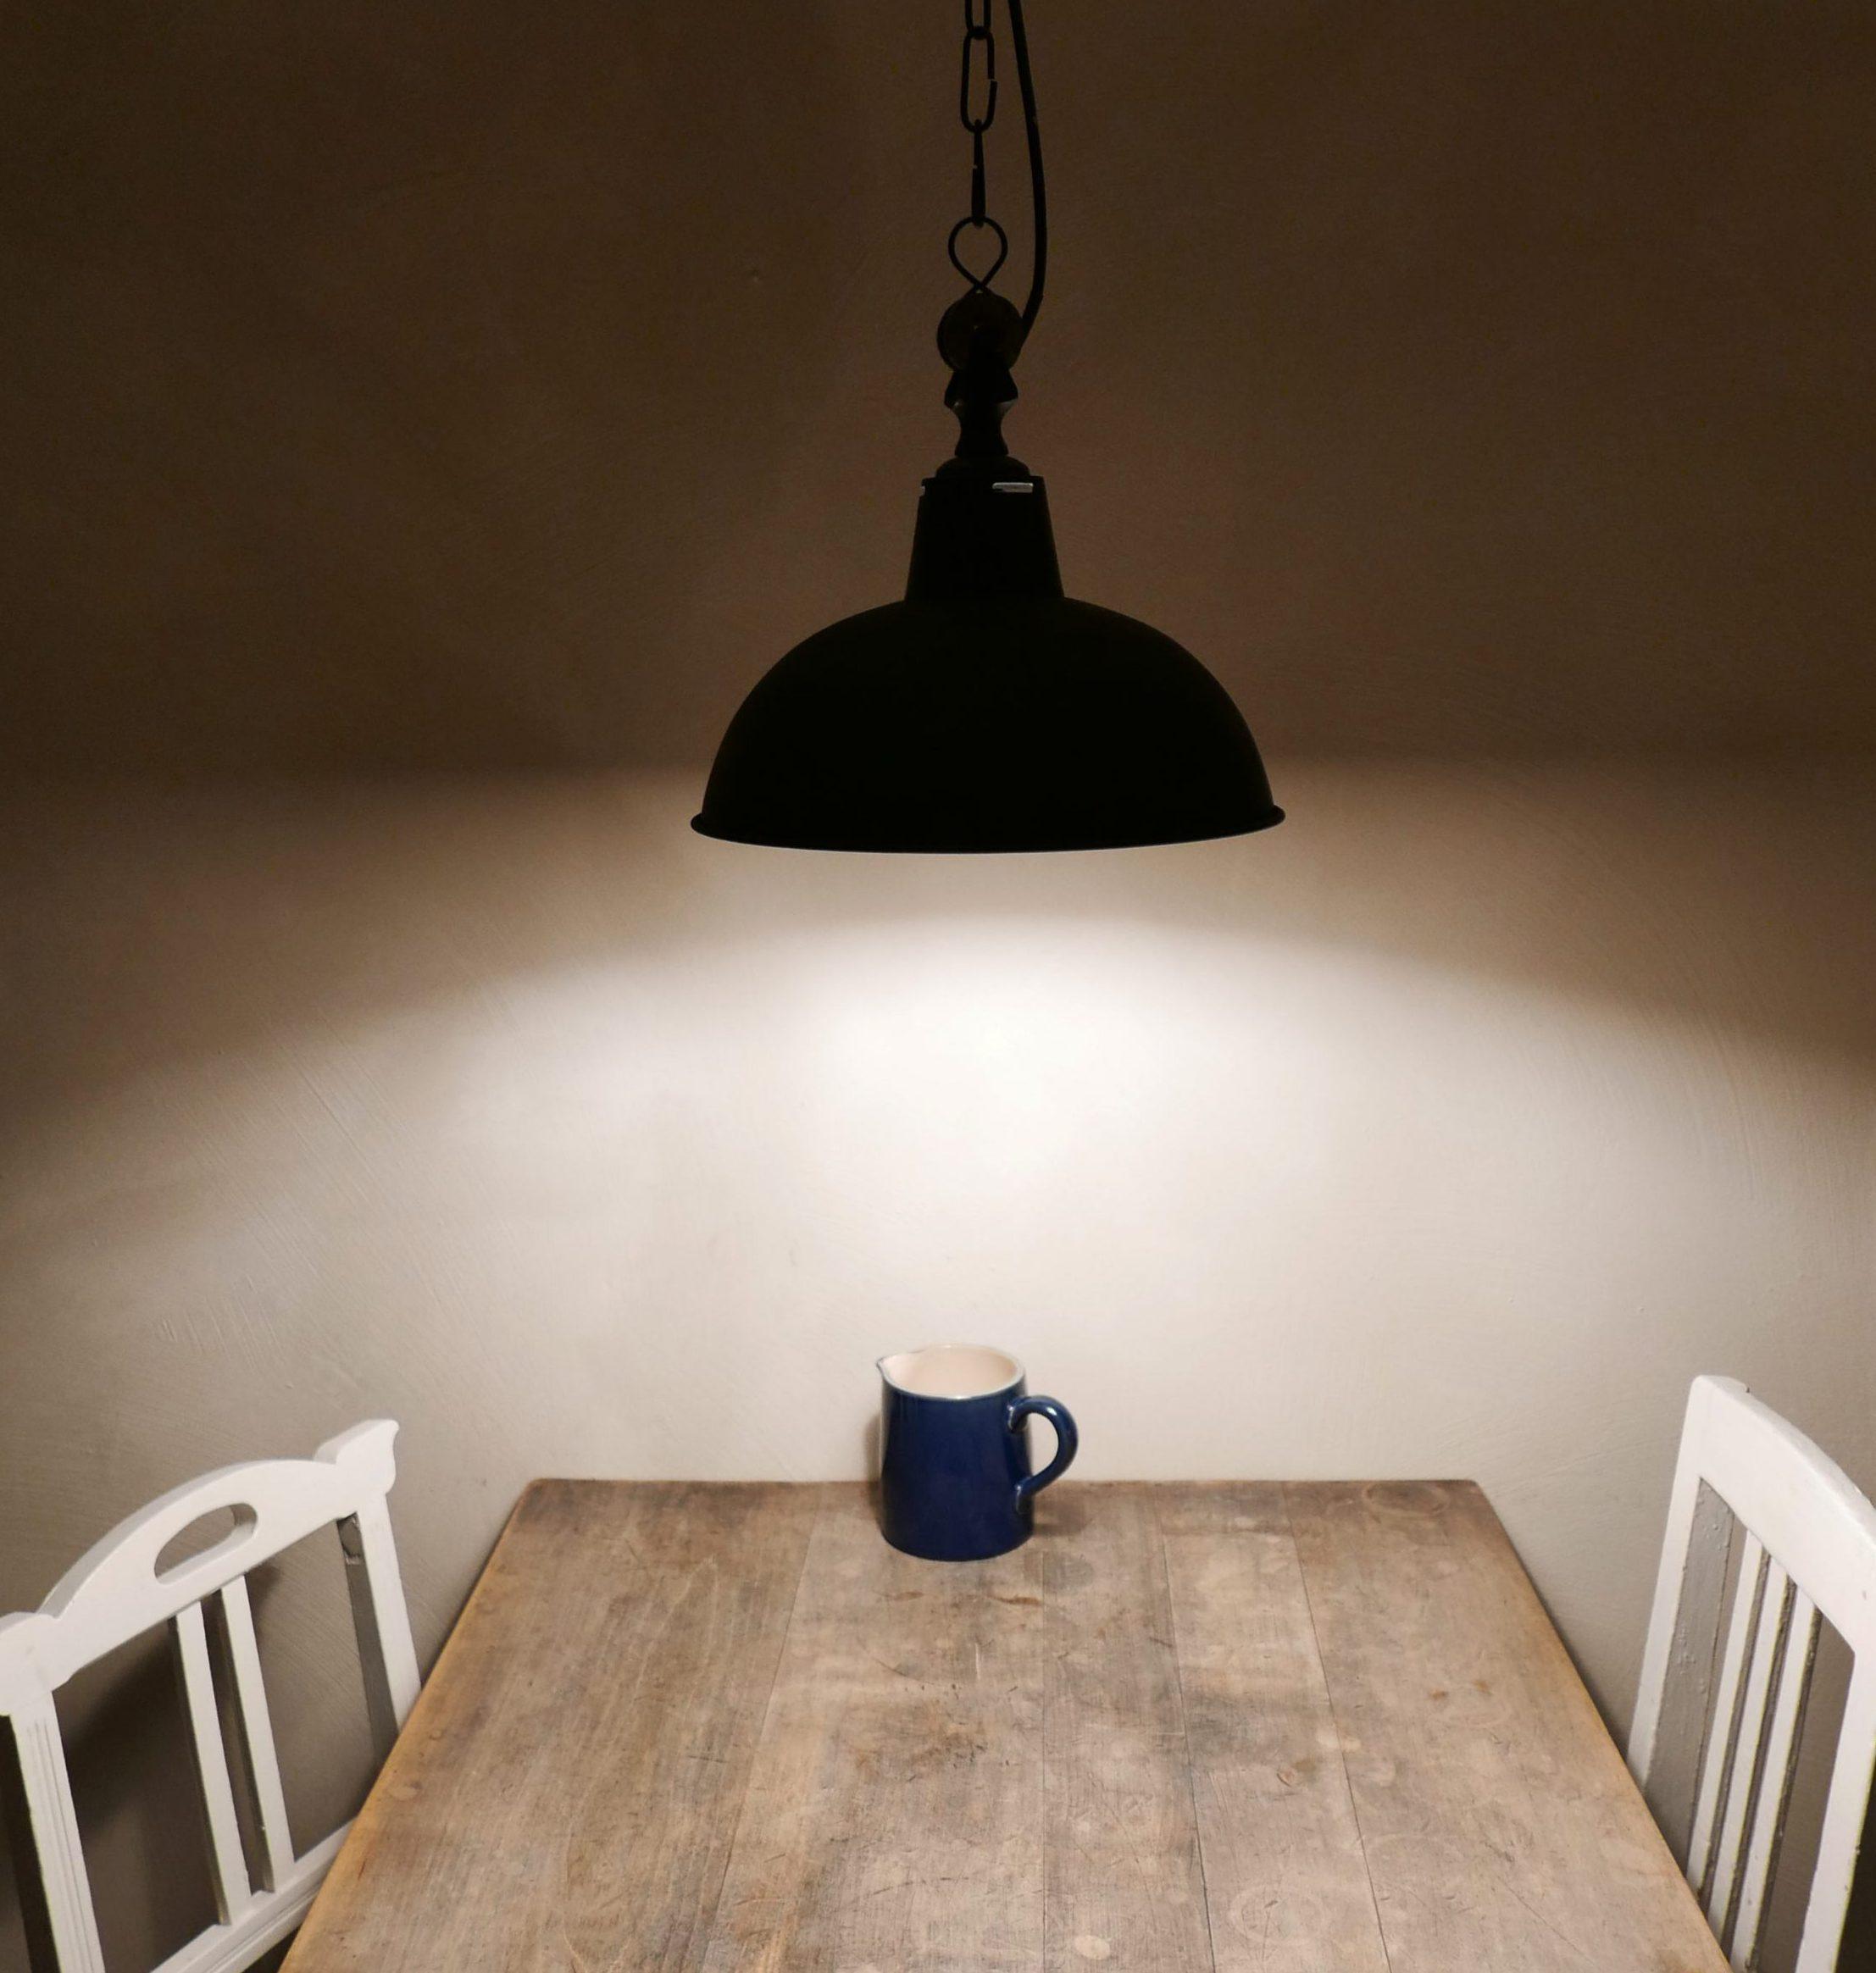 Holztisch in der Pension Elbeglück zwei alte weiße Stühle unter der Lampe